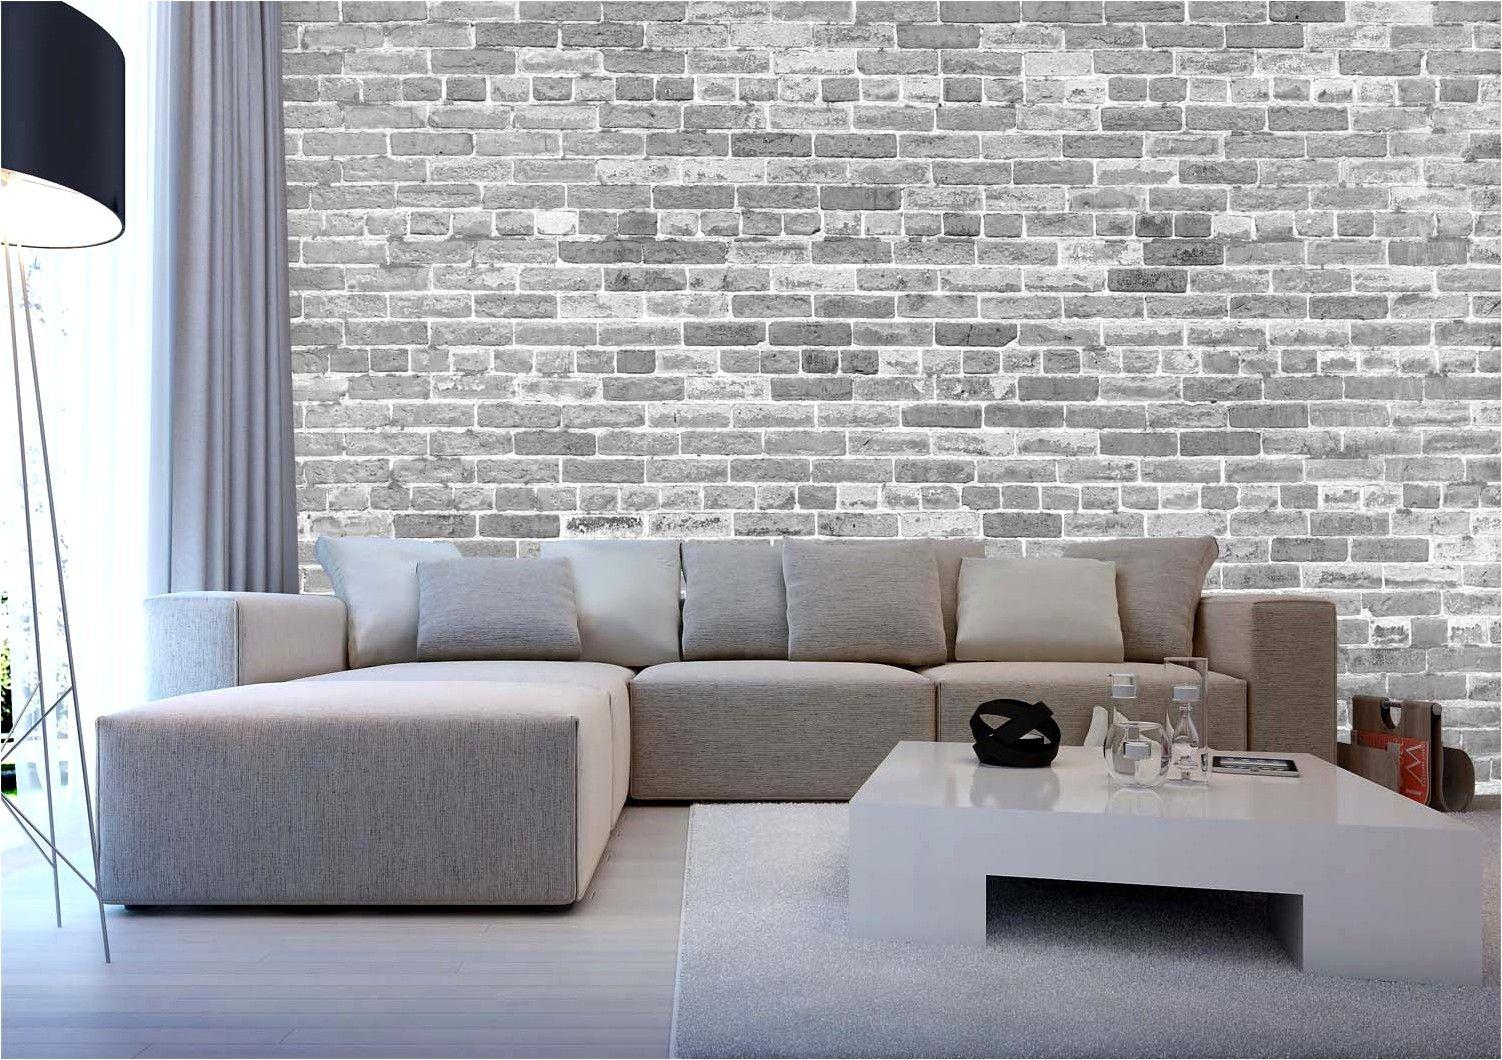 Deco Chambre Avec Papier Peint Brique In 2020 Brick Australian